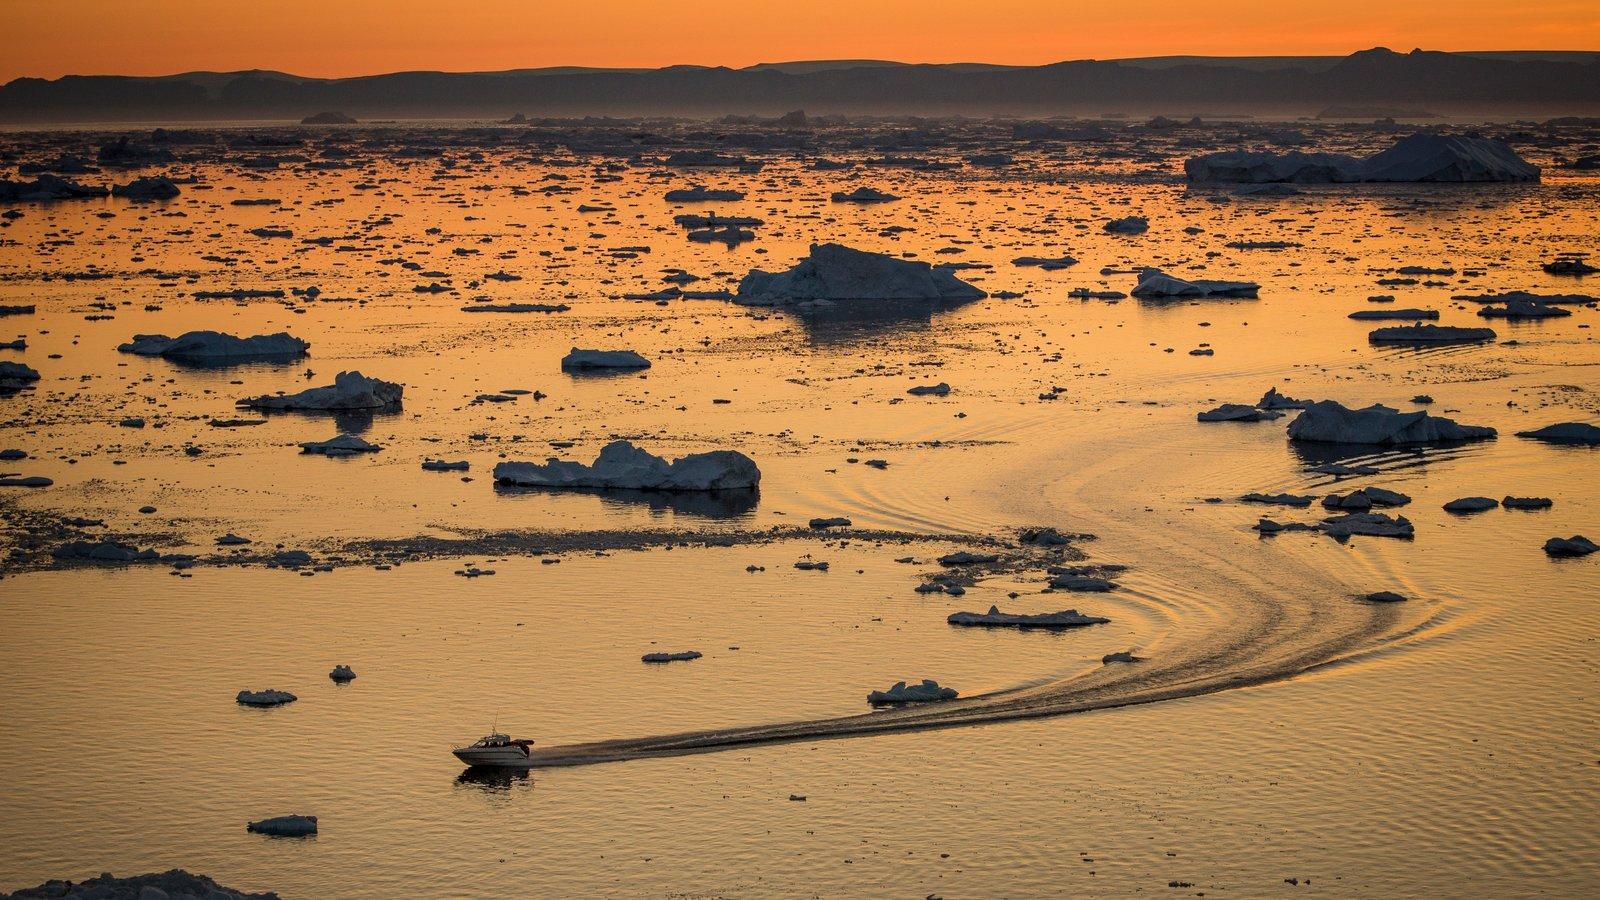 Groenlandia ofreciendo nieve, paseos en lancha y vistas generales de la costa